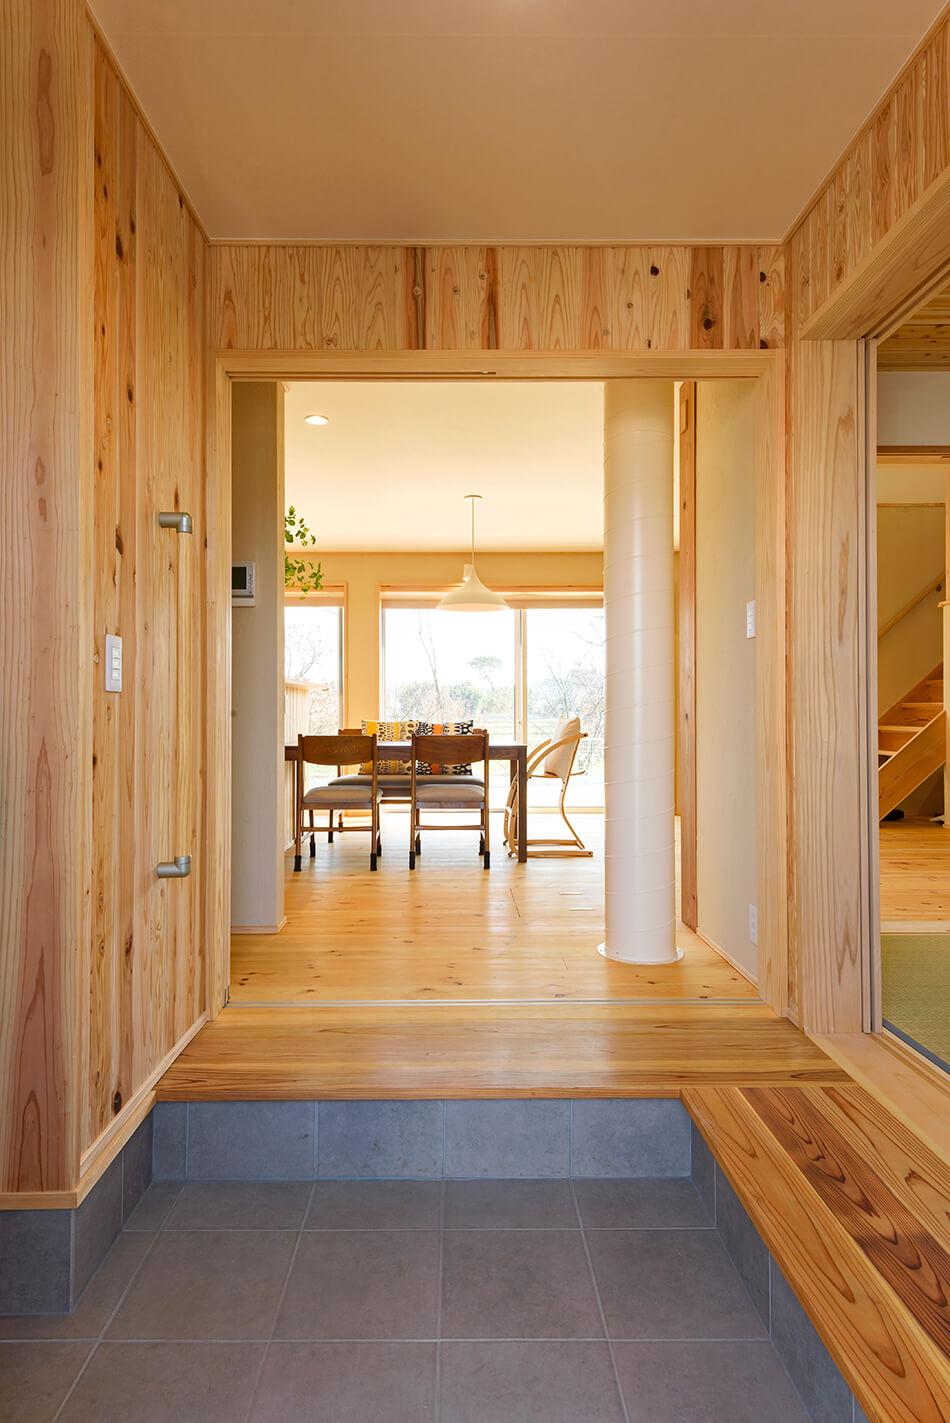 木の家|熊本の新築建築事例|2階建|4LDK|玄関|エコワークス|CASE-13|内観04